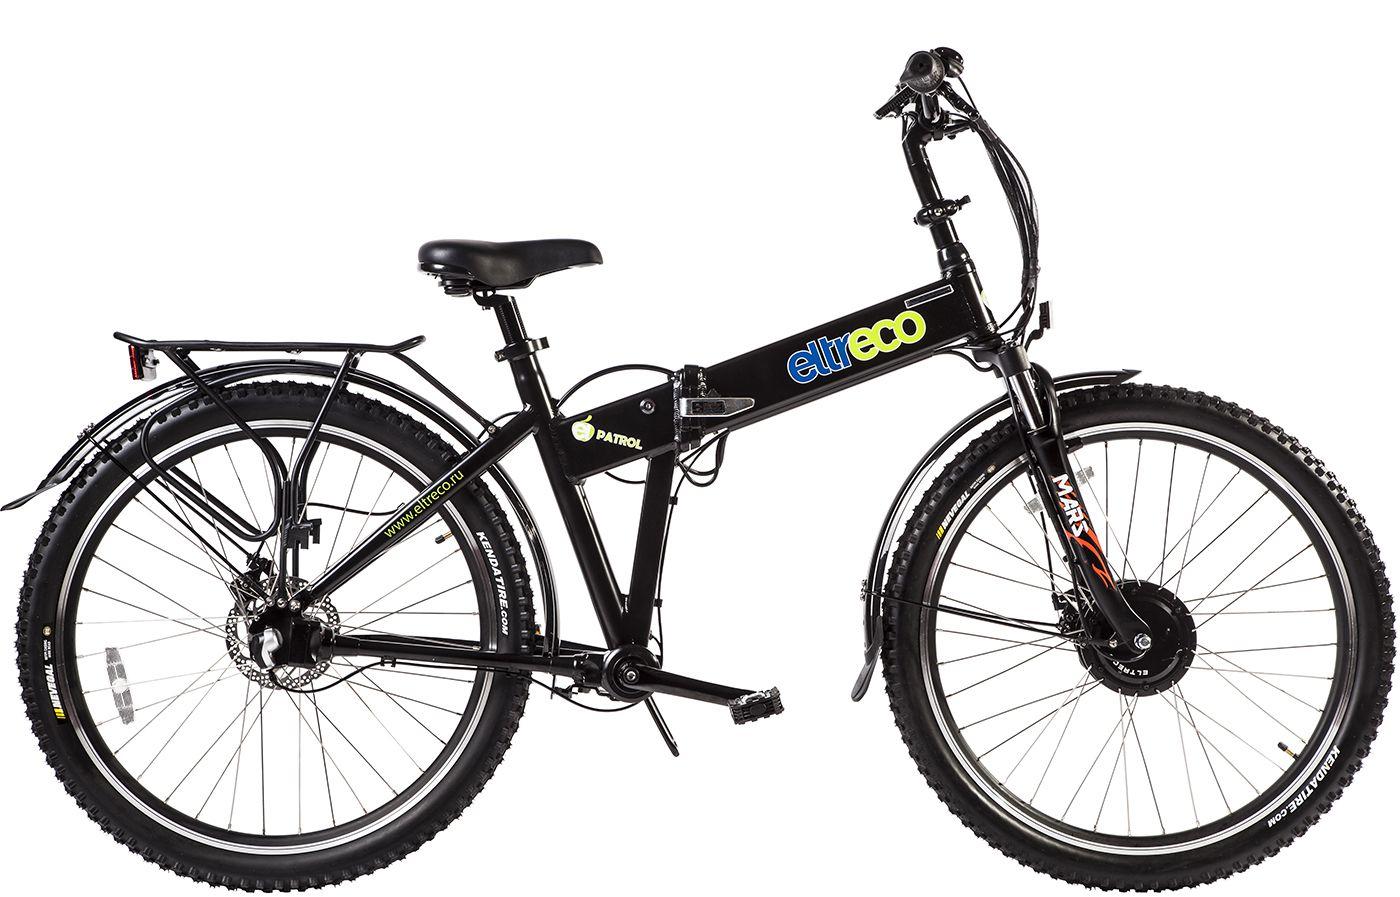 Велосипед Eltreco Patrol Кардан 28 Disk 2016,  Электро  - артикул:267901